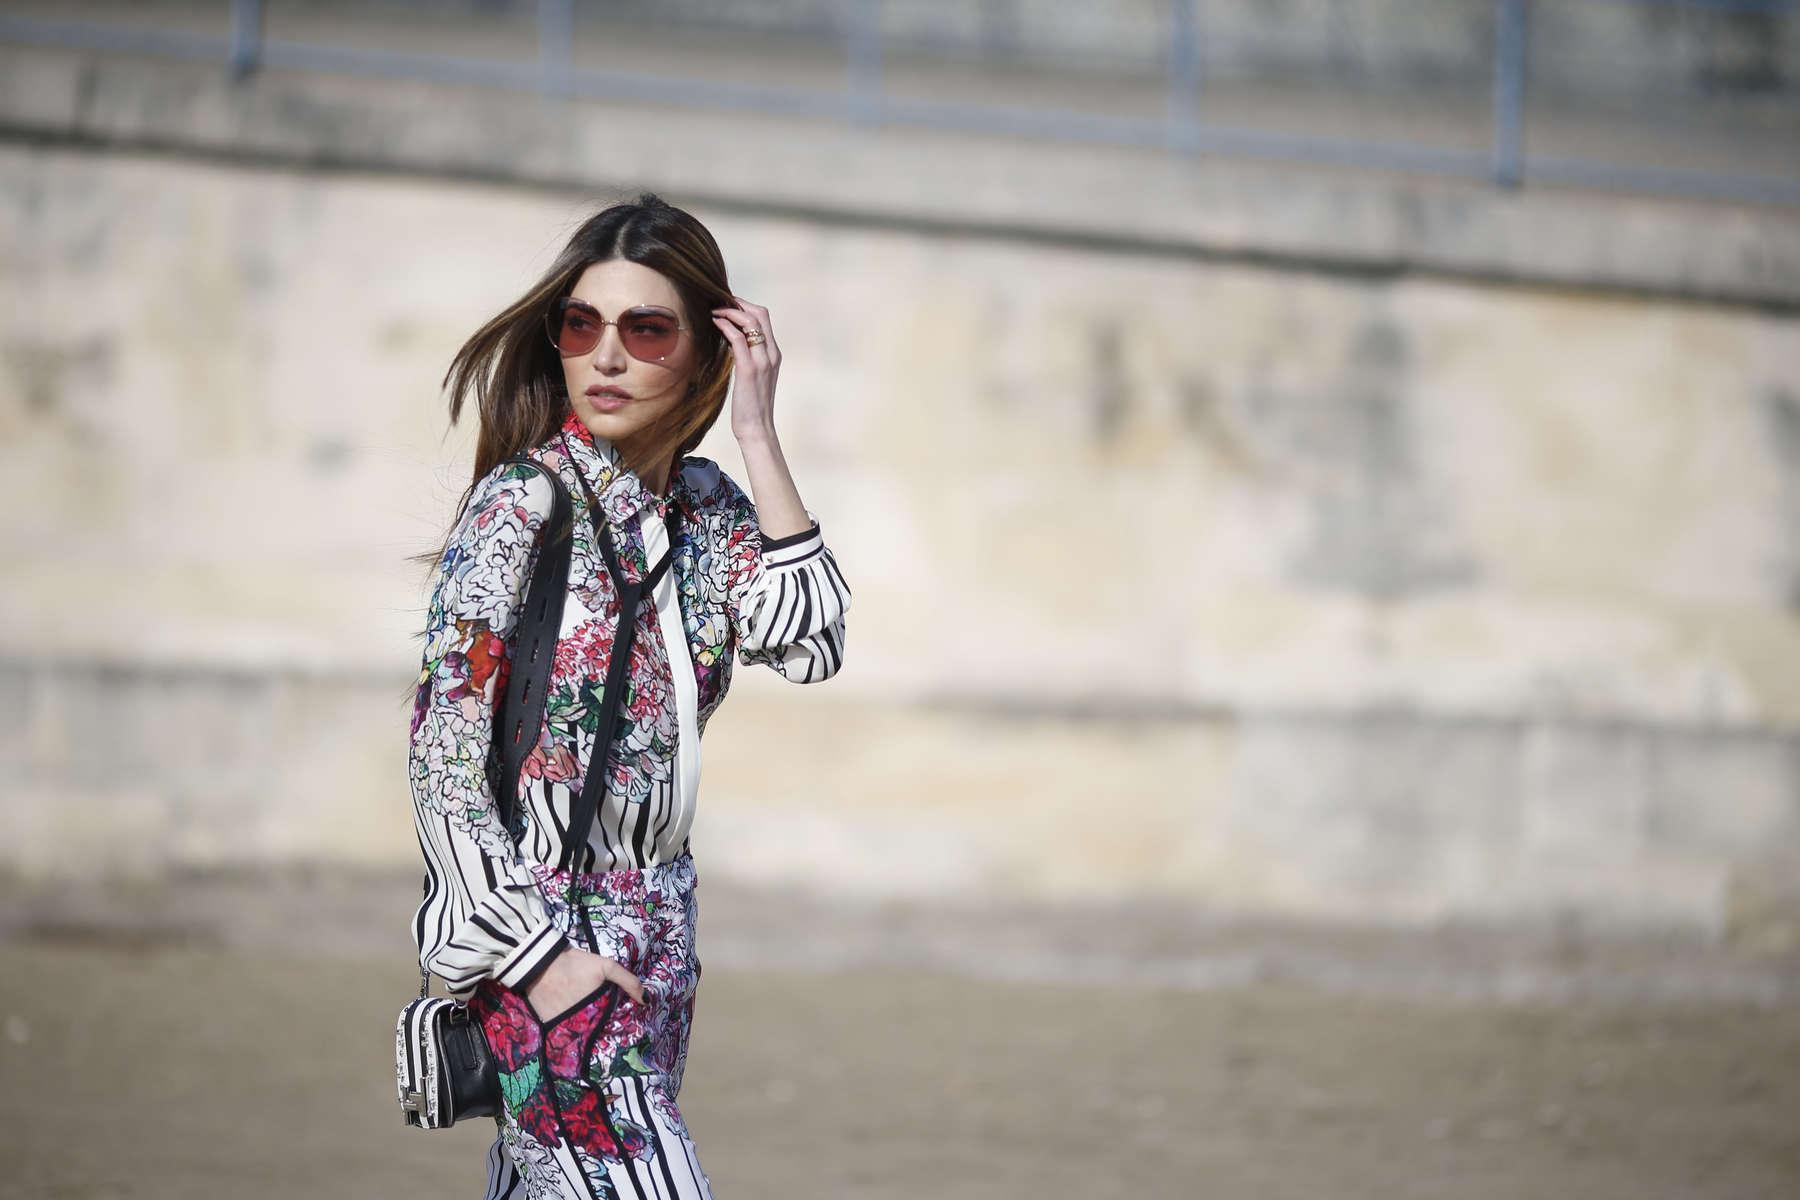 Negin Mirsalehi - Paris Fashion Week, March 2016